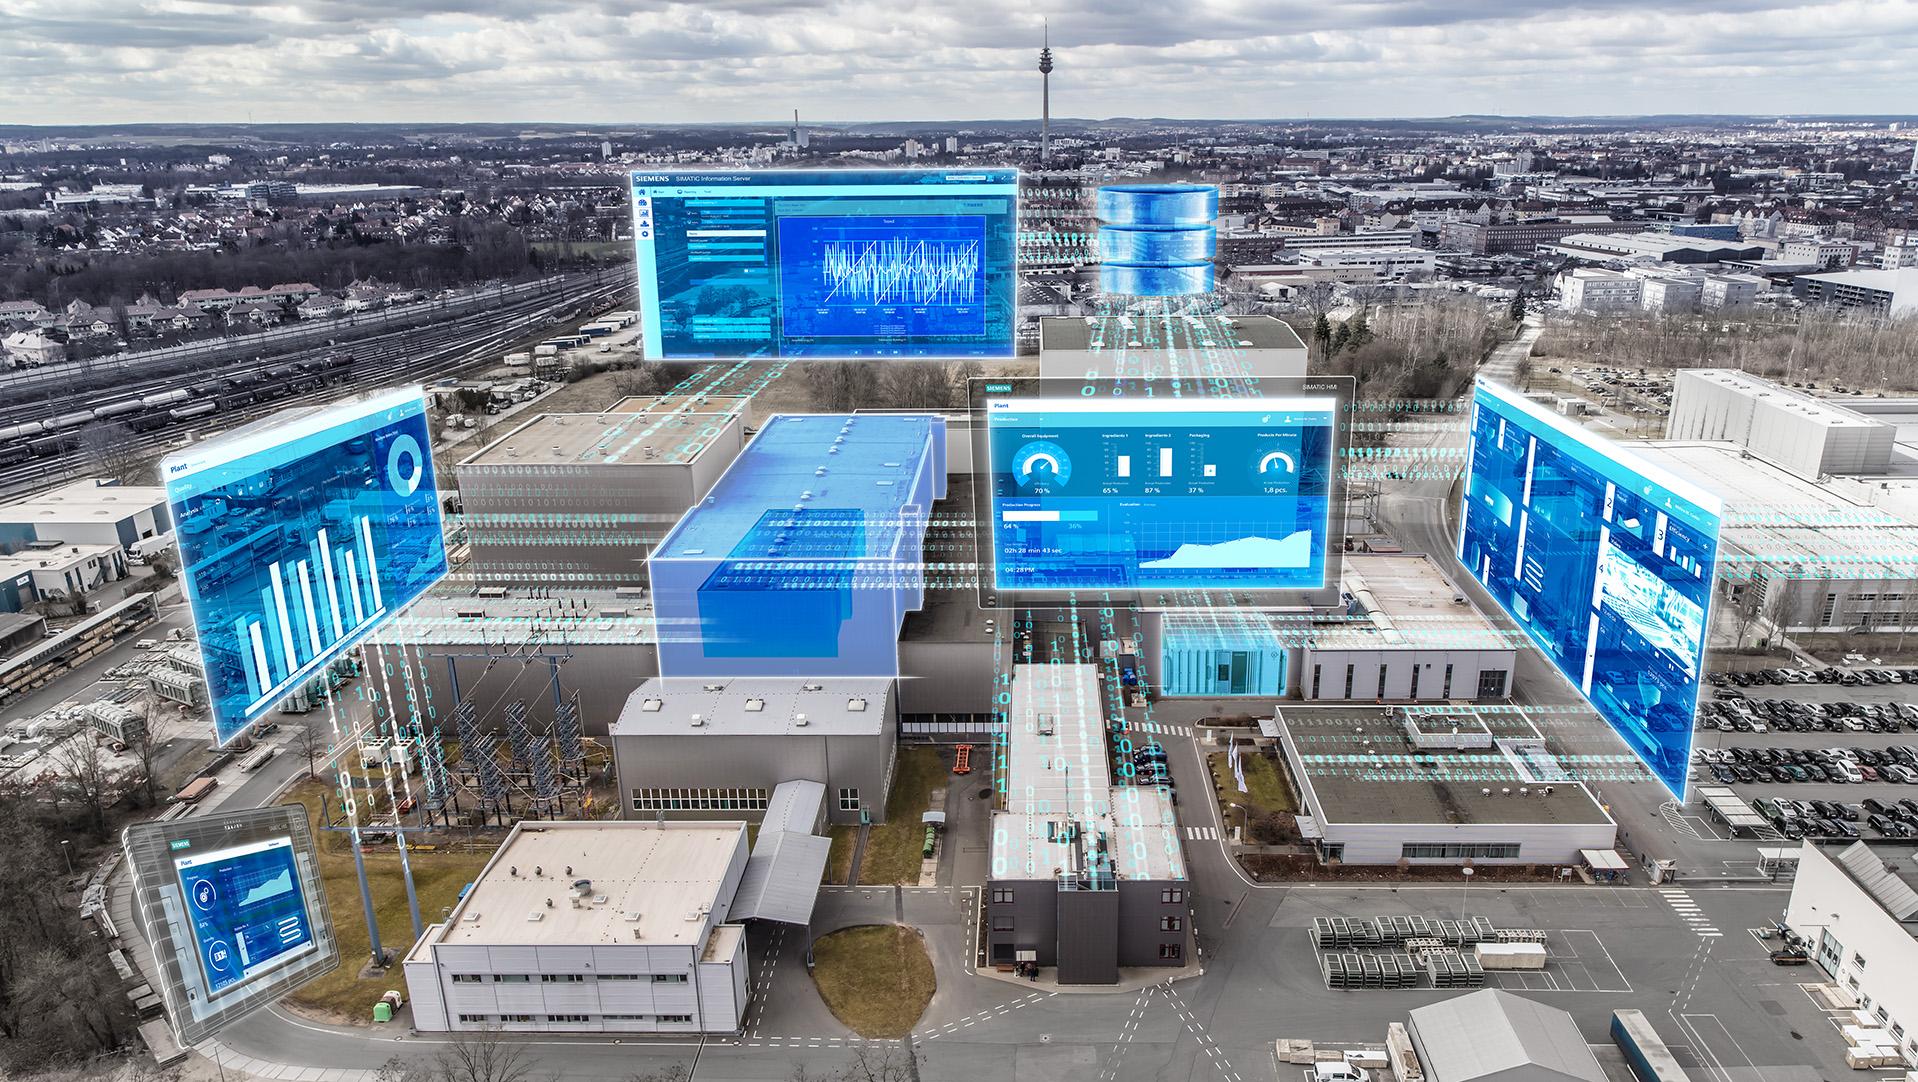 Die ideale Basis für die Digitalisierung von Prozessen eines Unternehmens im Rahmen von Industrie 4.0: SCADA-System schaffen die Basis für zukünftige Wertschöpfung in der Produktion.